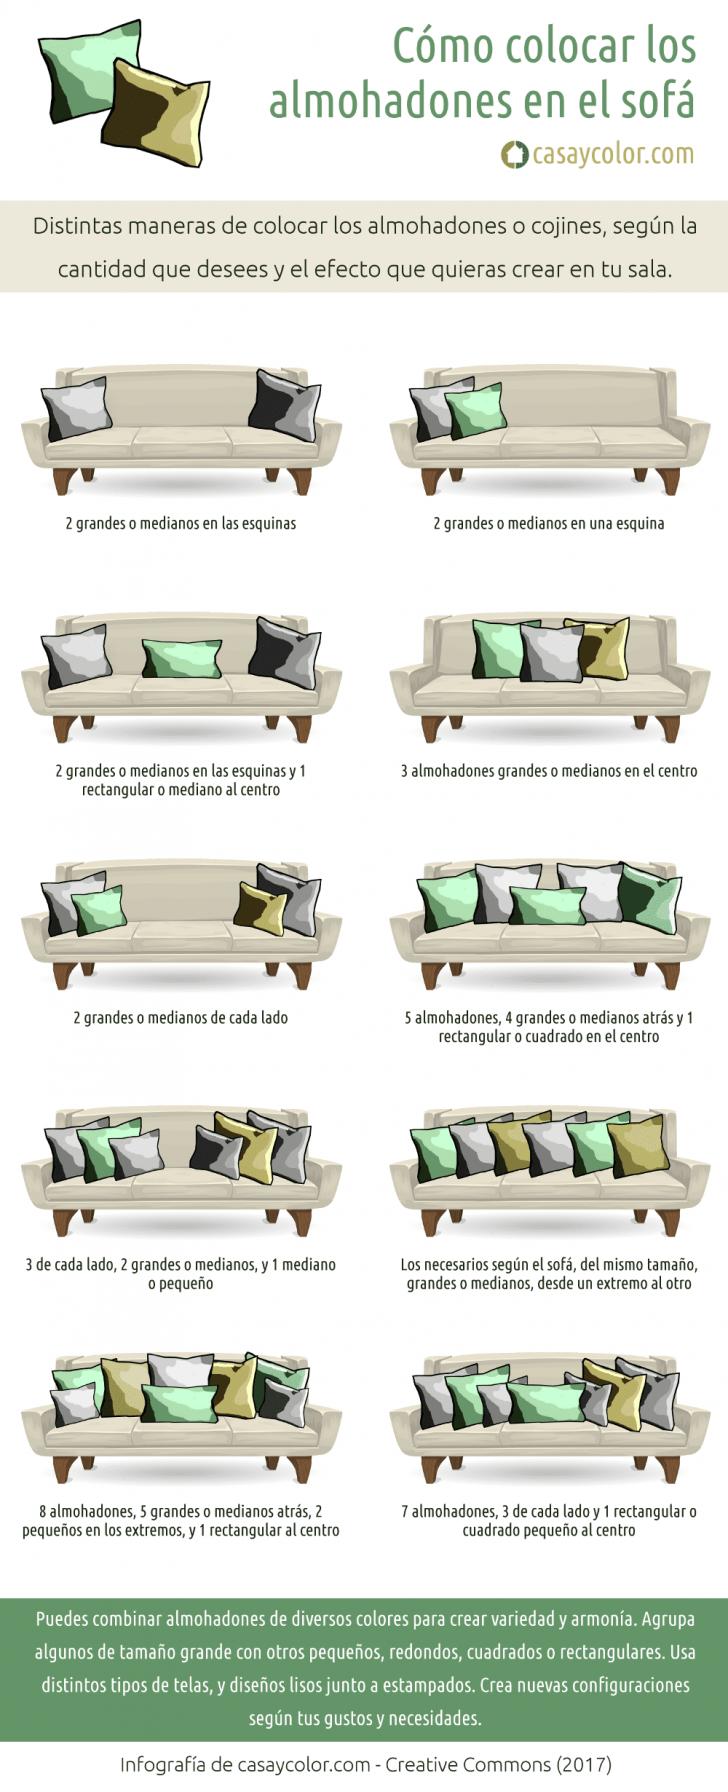 Infografía de almohadones en el sofá